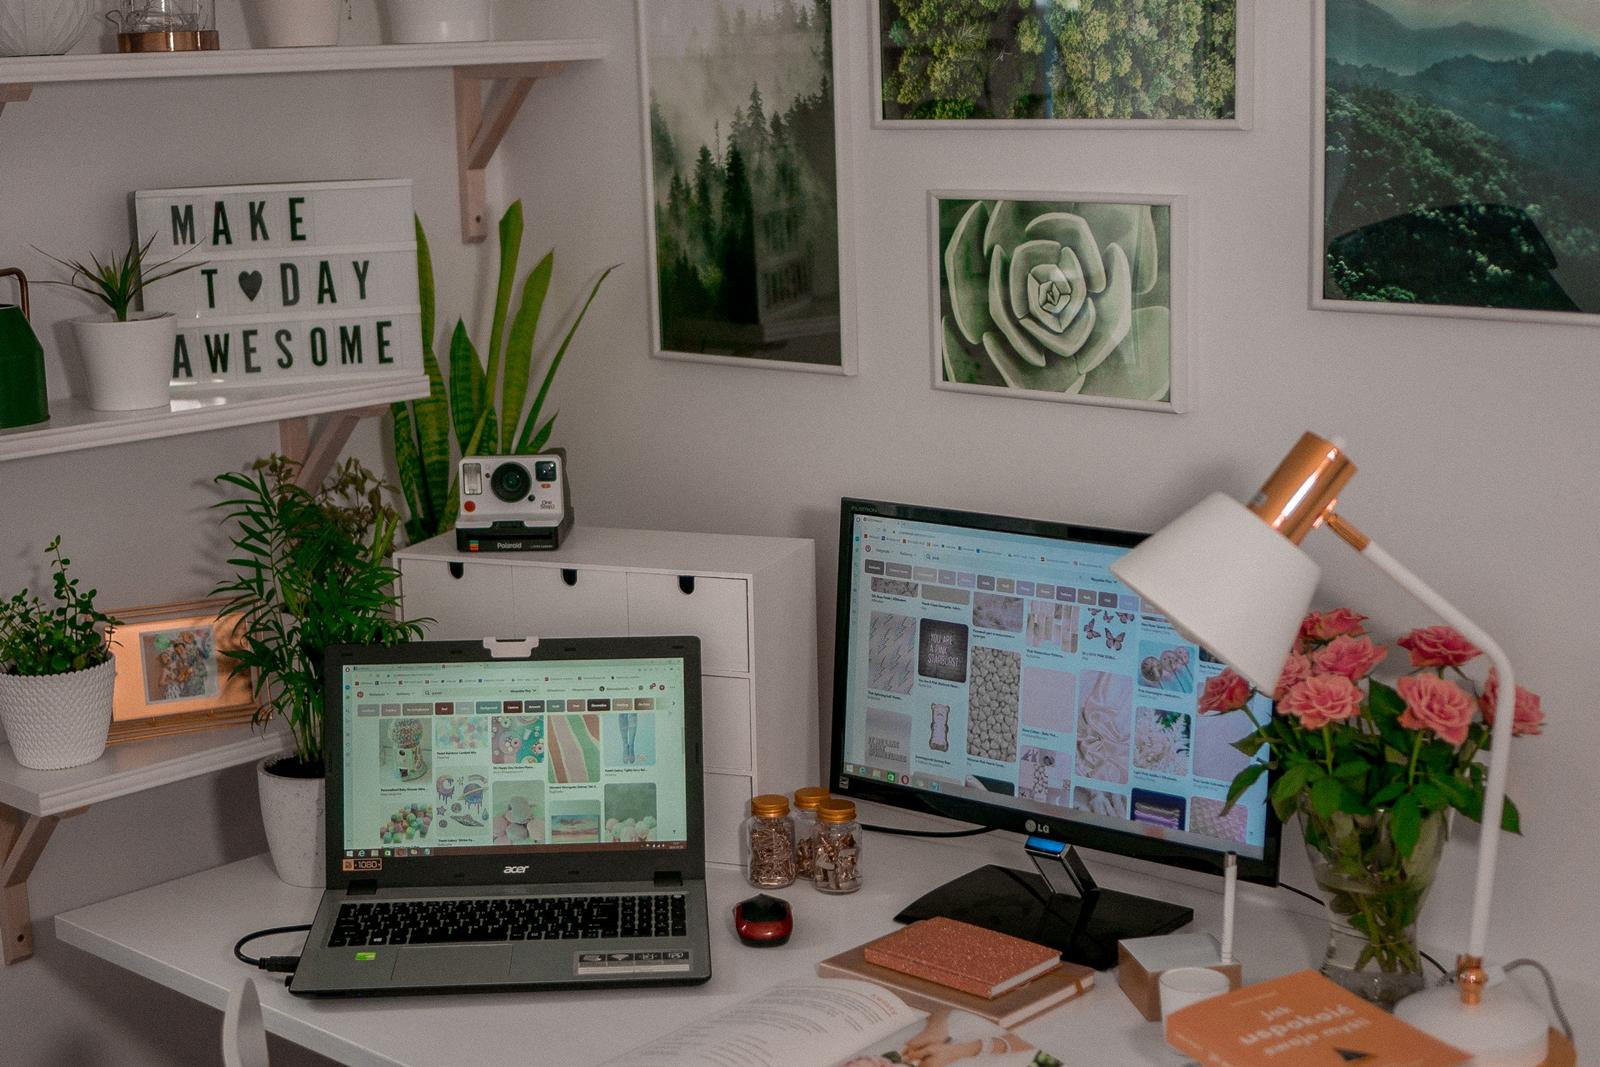 1 jak urządzić biuro w domu - dekoracje do biura, zielona ściana w mieszkaniu, jak zaprojektować galerię plakatów, plakaty krajobrazy rośliny na ścianę jak zawiesić obraz na ścianie biurko dla nastolatka